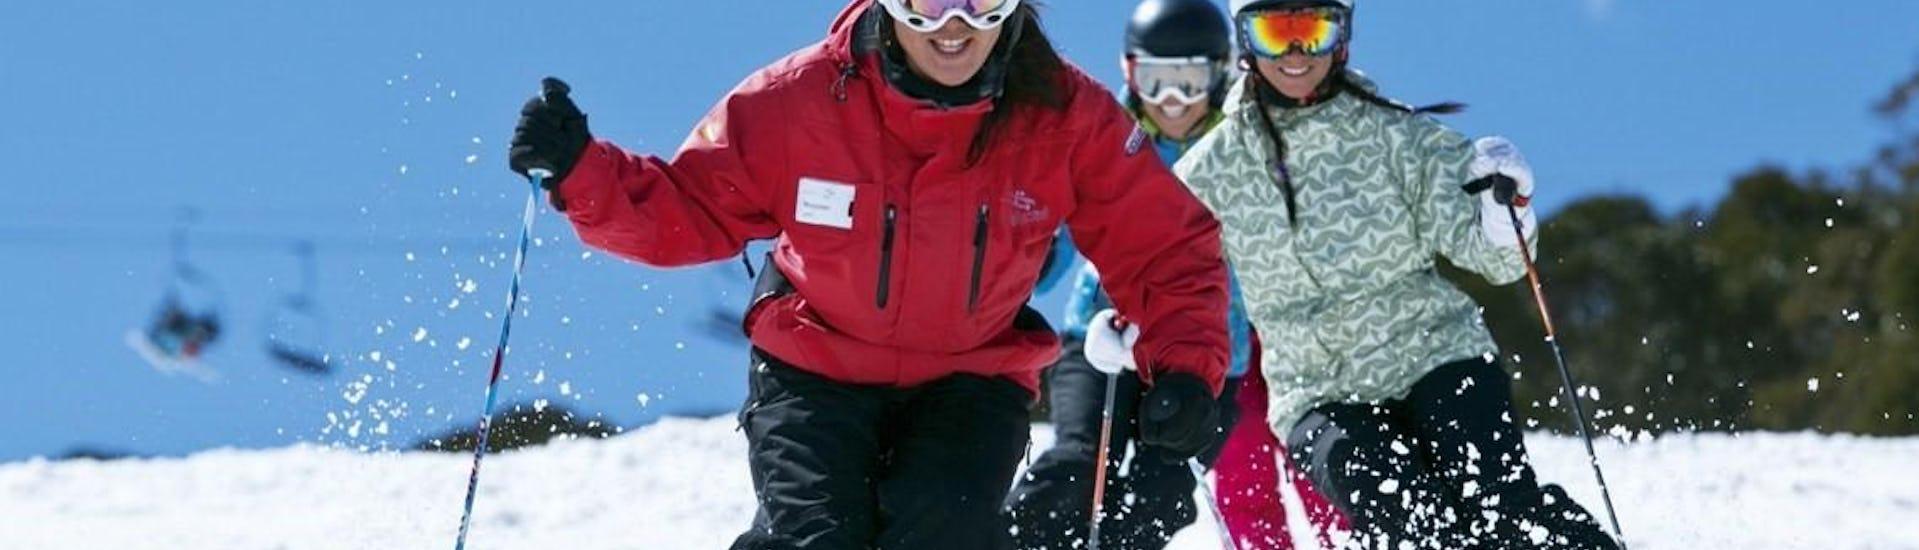 Ein Ski Experte erobert während der Aktivität Skikurs für Erwachsene - Weihnachtsferien - Alle Levels der Skischule Scuola di Sci Val Rendena die Skipiste in Pinzolo.